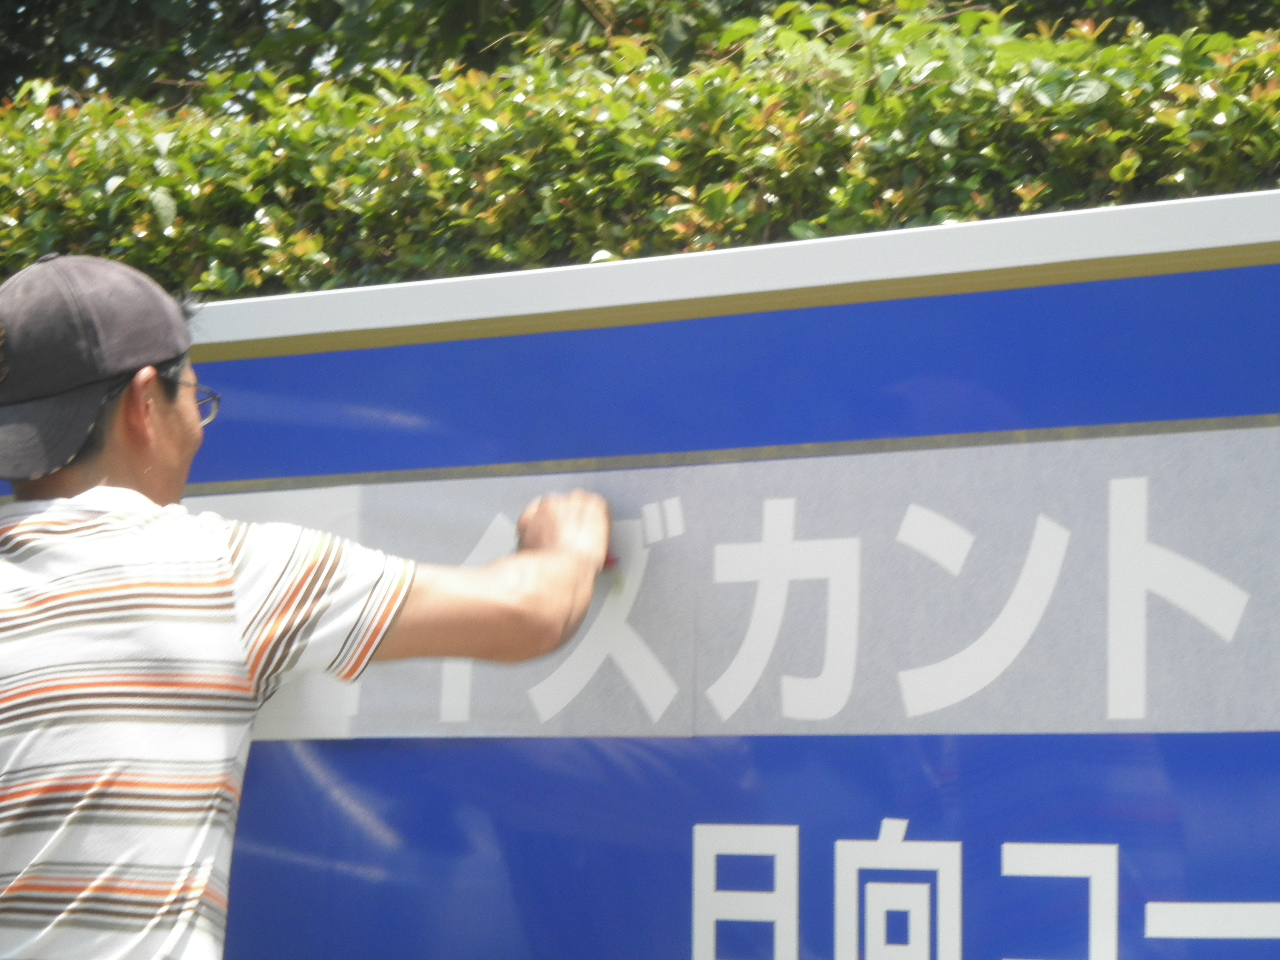 夏のステンレス板にシート貼りはきつい_b0152079_1771921.jpg